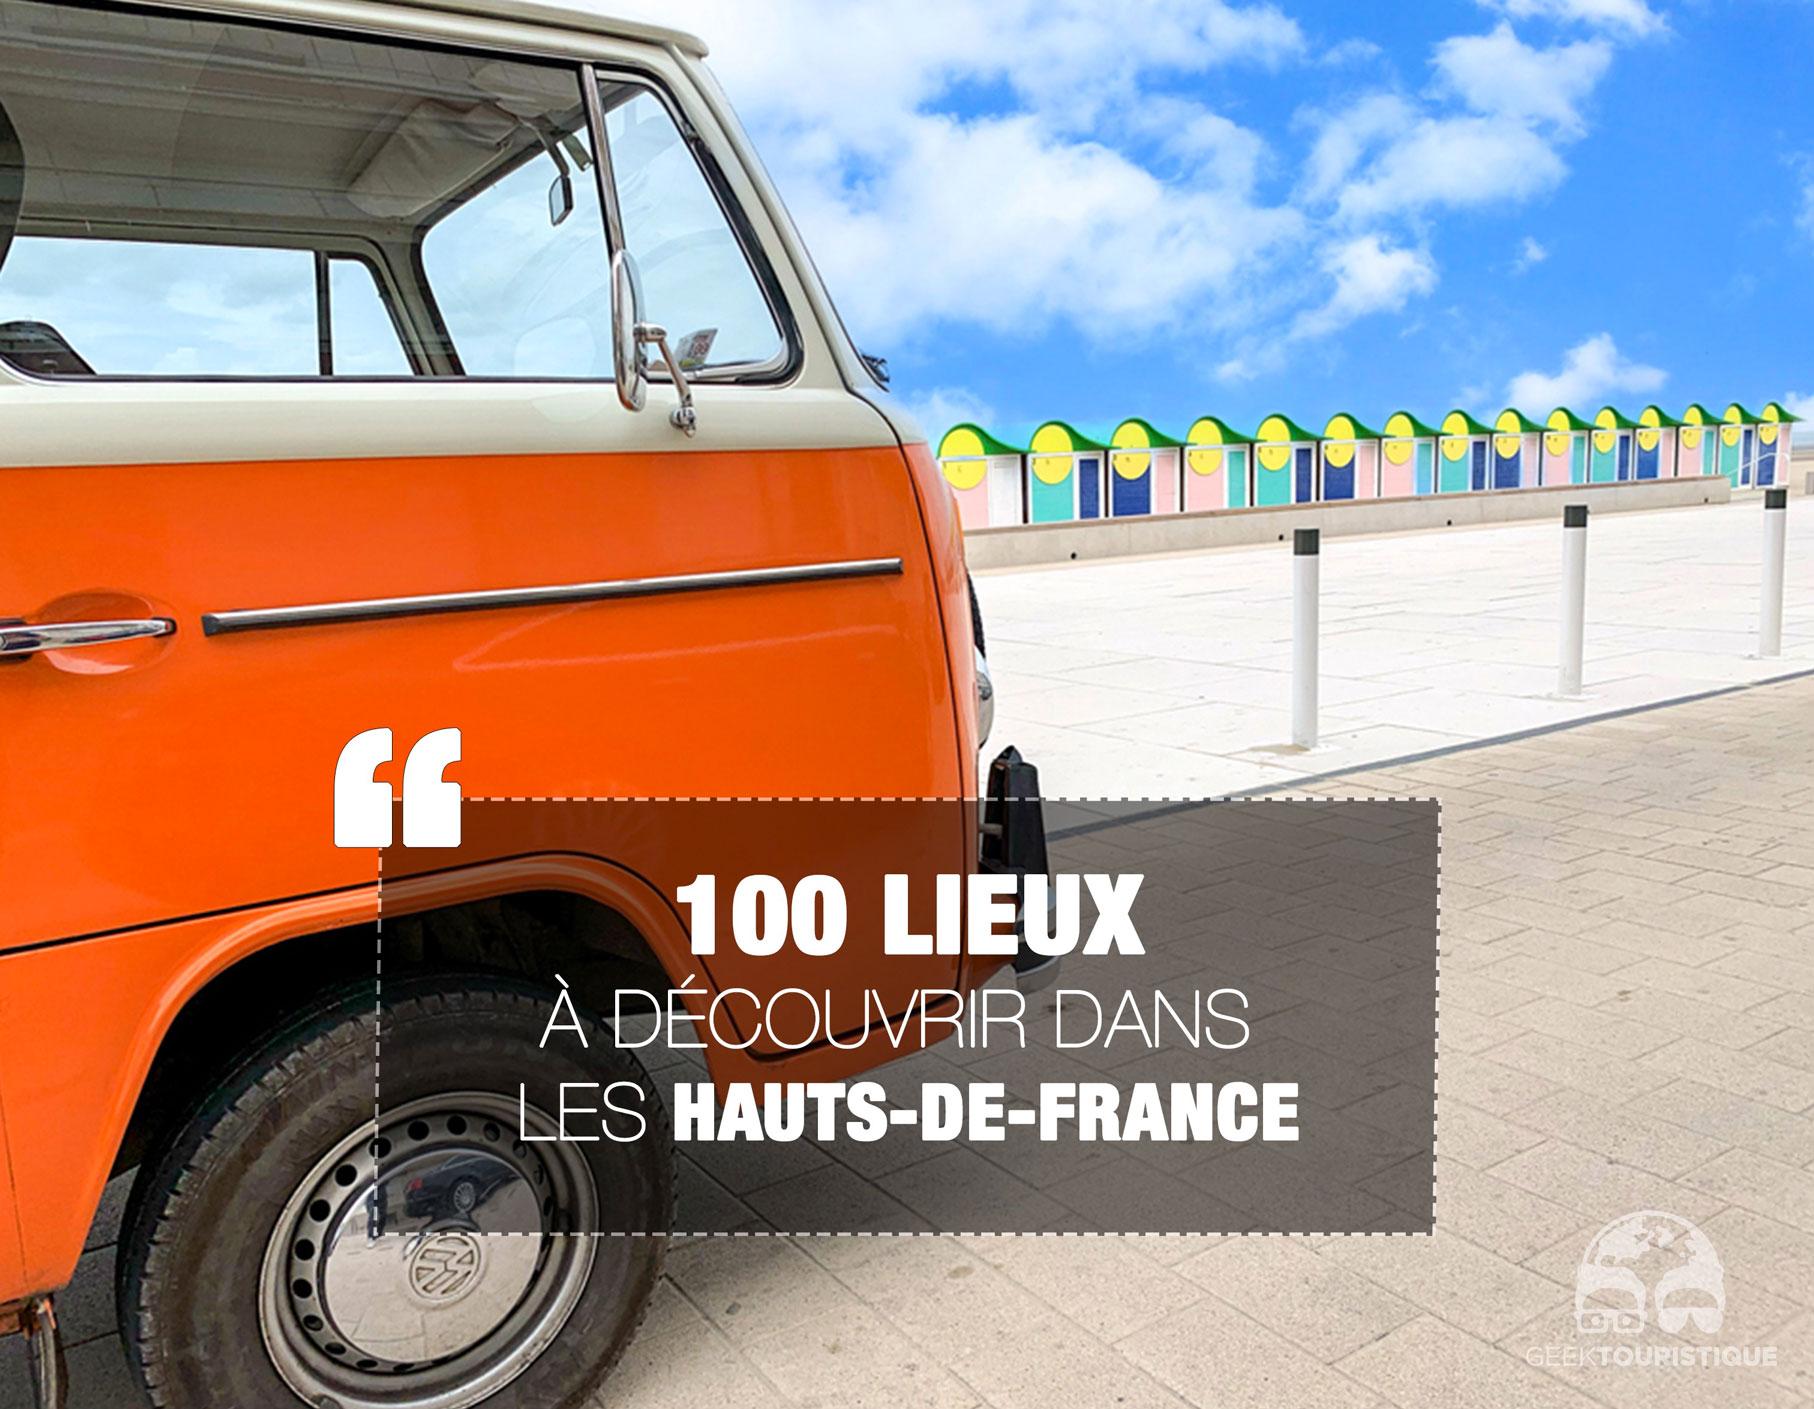 100 lieux à découvrir dans les Hauts-de-France